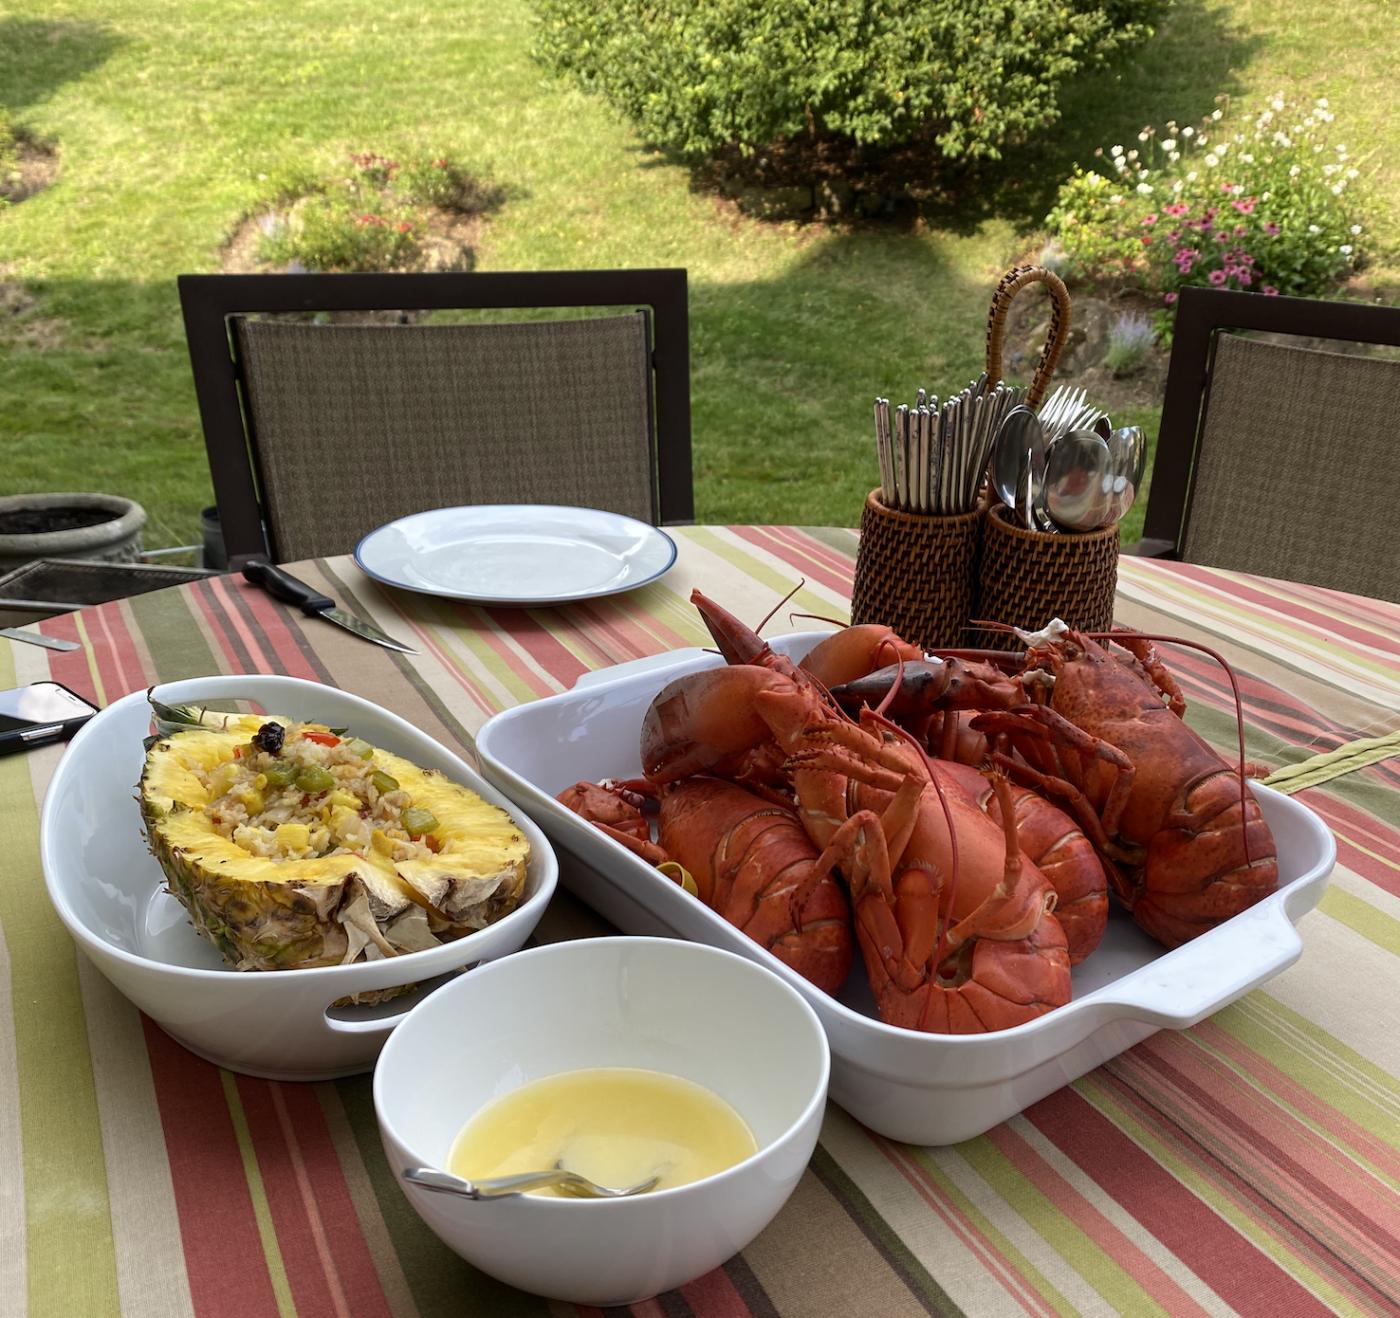 炎炎夏日下的家庭式龙虾大餐_图1-4